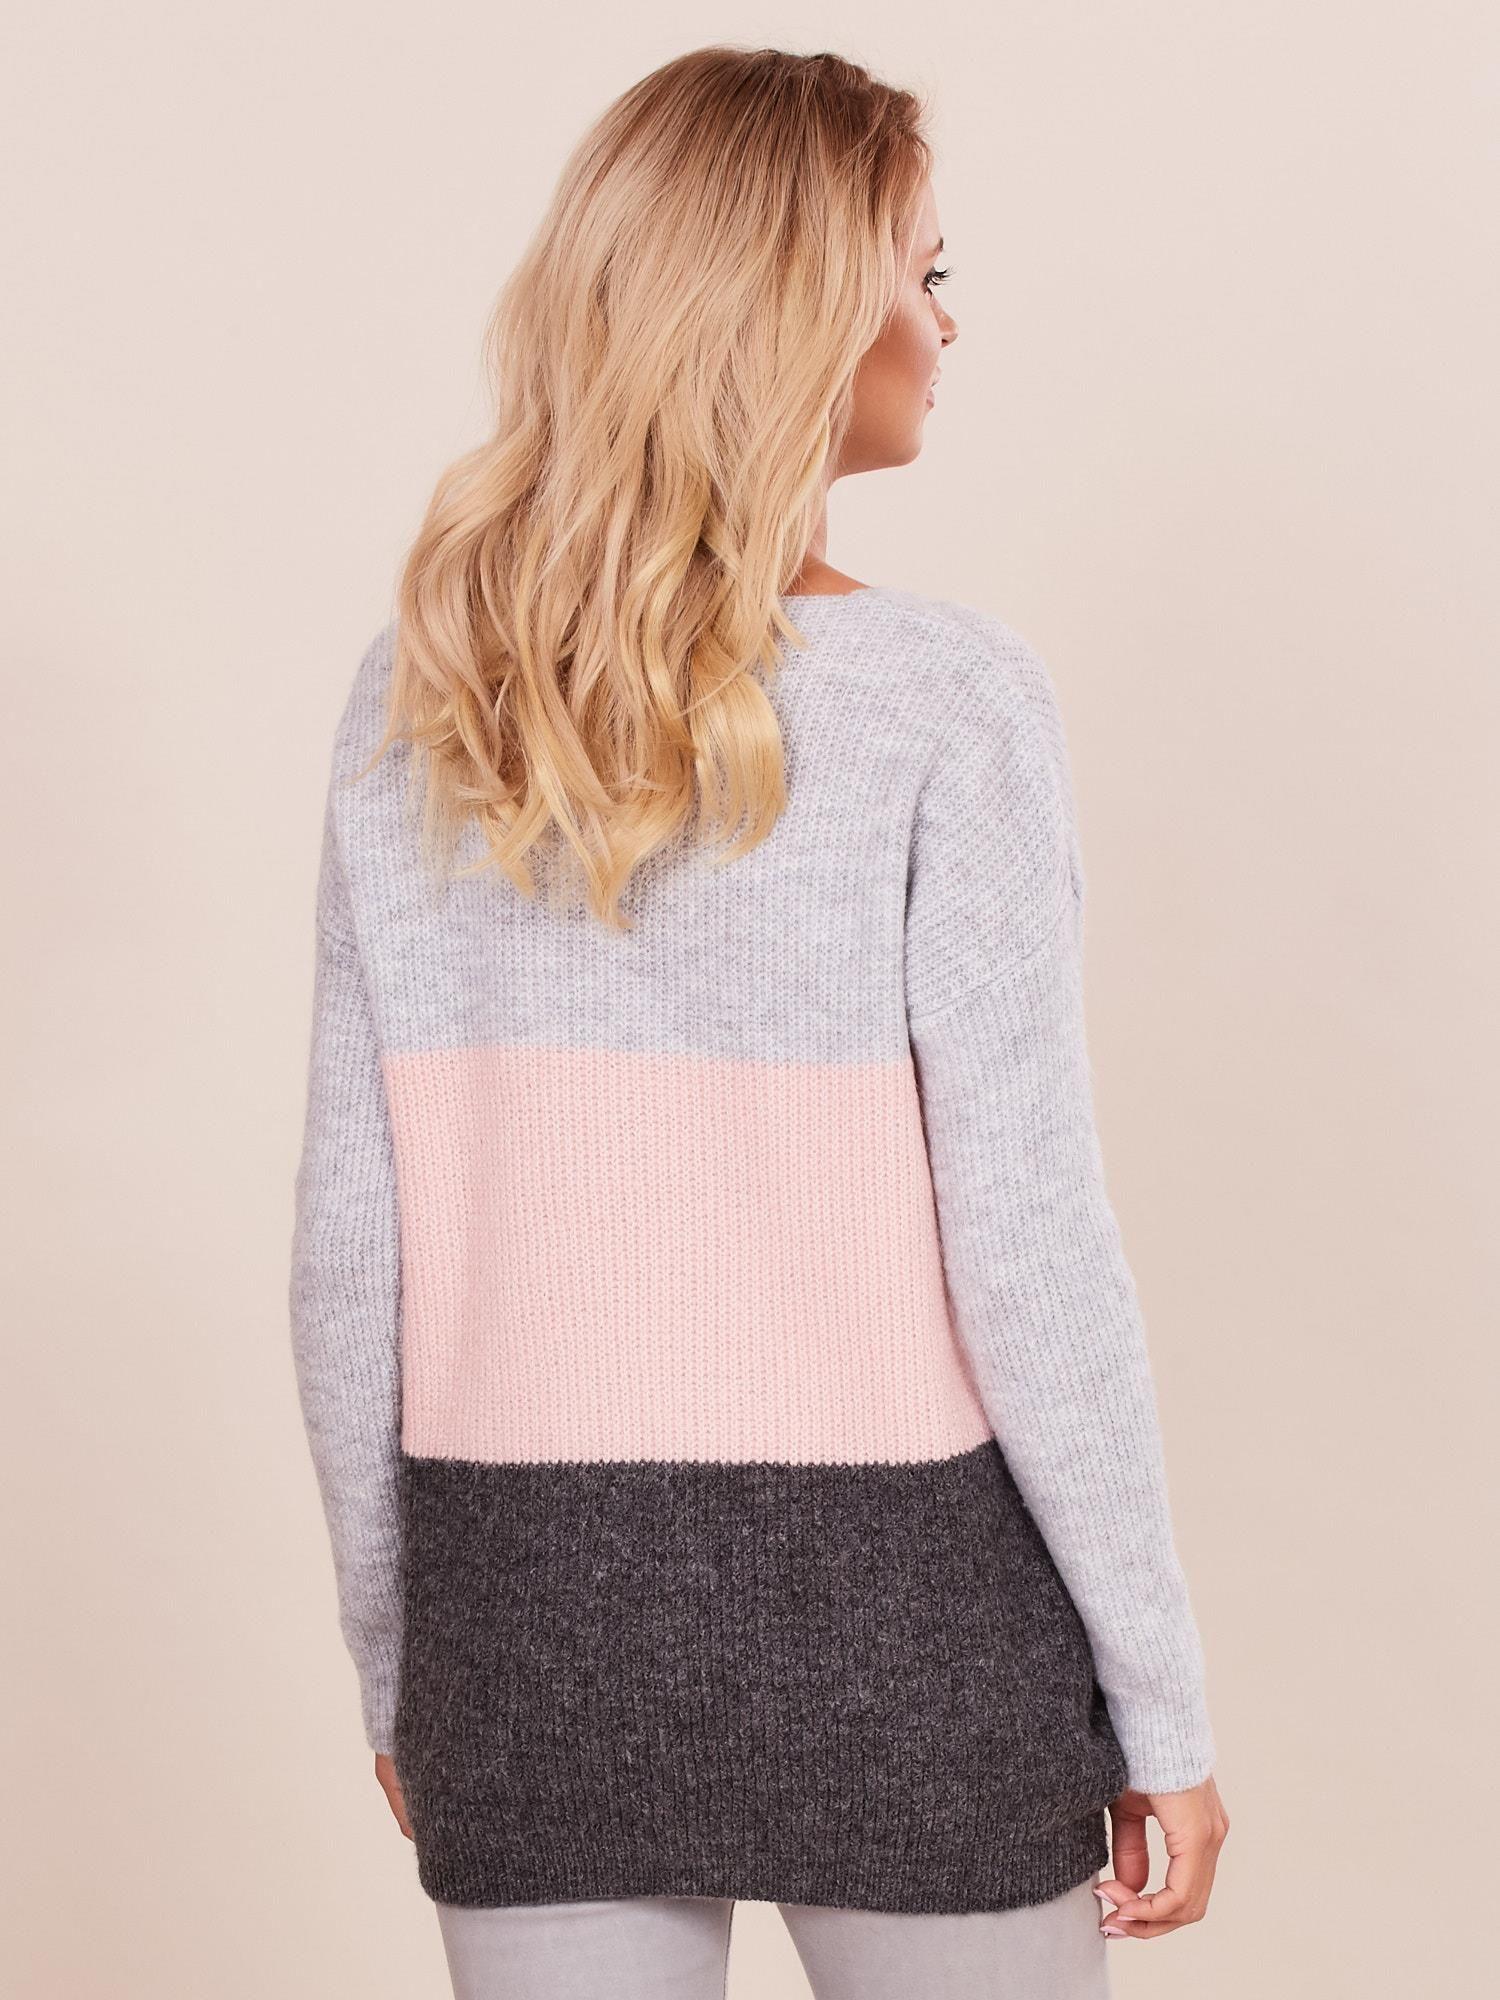 ae2f4595f57e74 Sweter damski w kolorowe pasy szaro-różowy - Sweter klasyczny ...